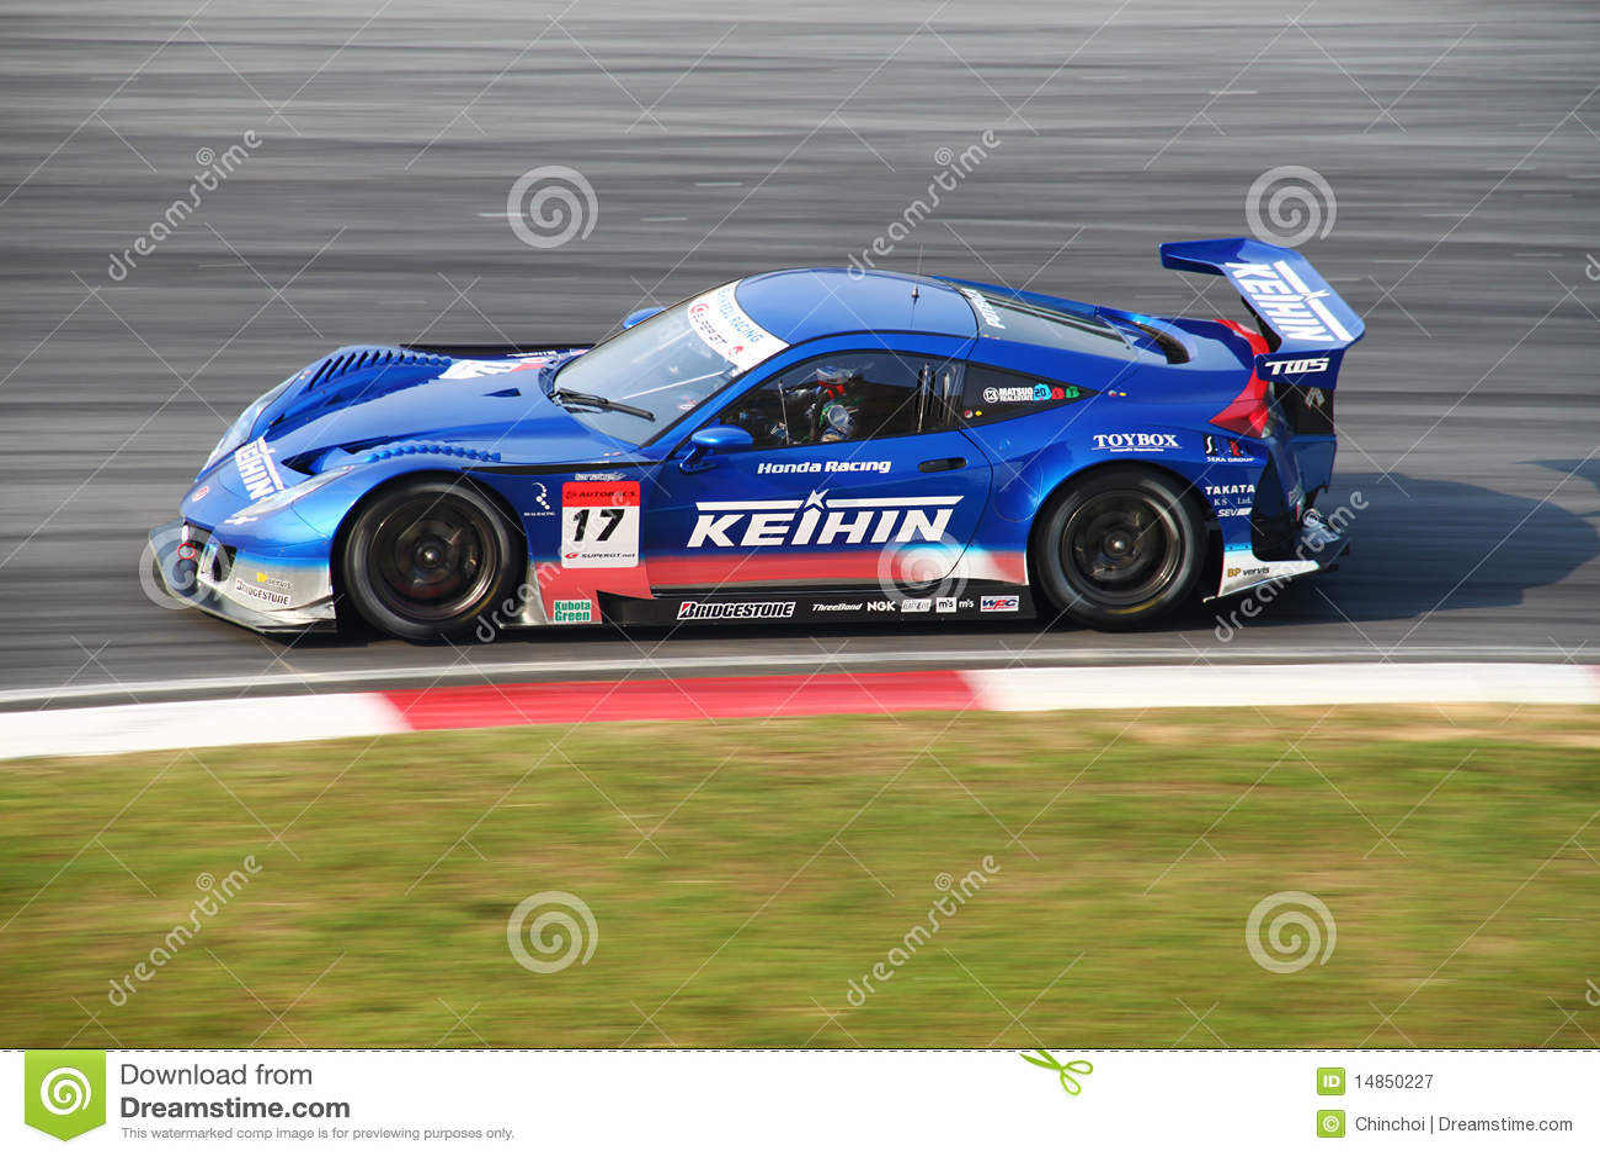 Keihin Honda 17, SuperGT 2010